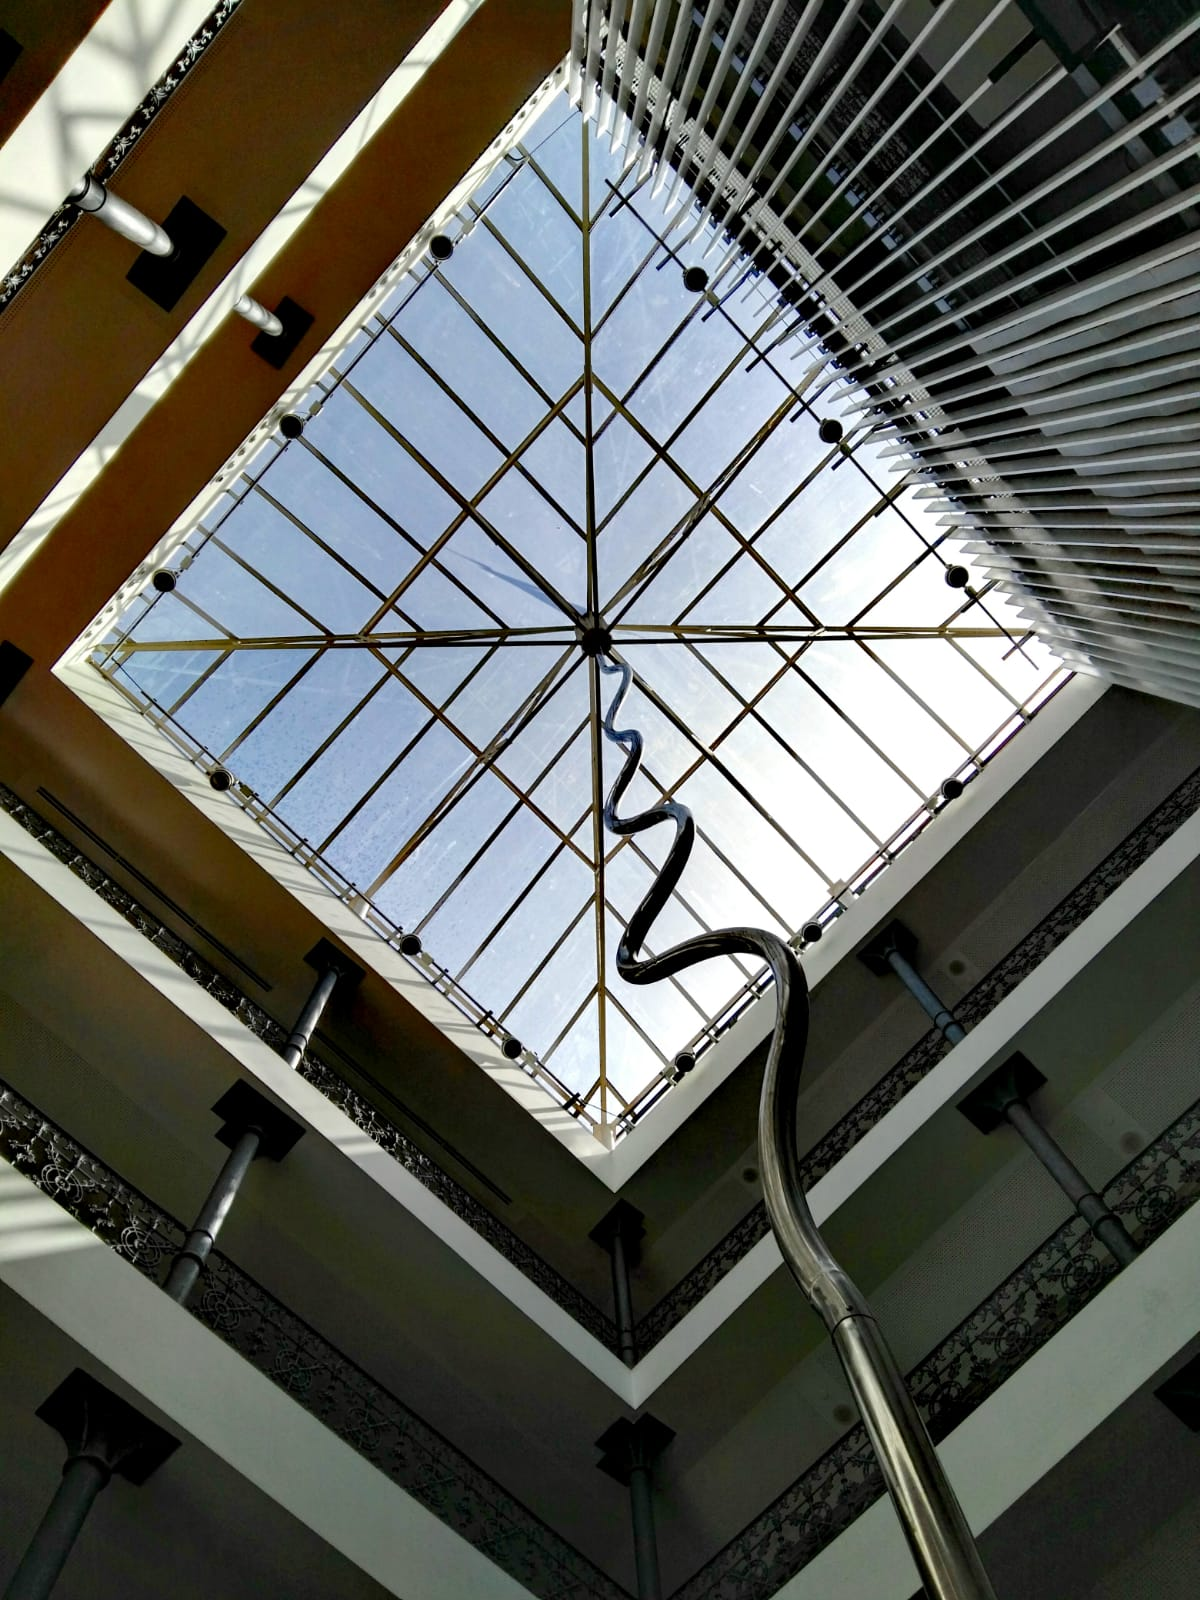 Un sostre de vidre i una escala que s'ha de baixar